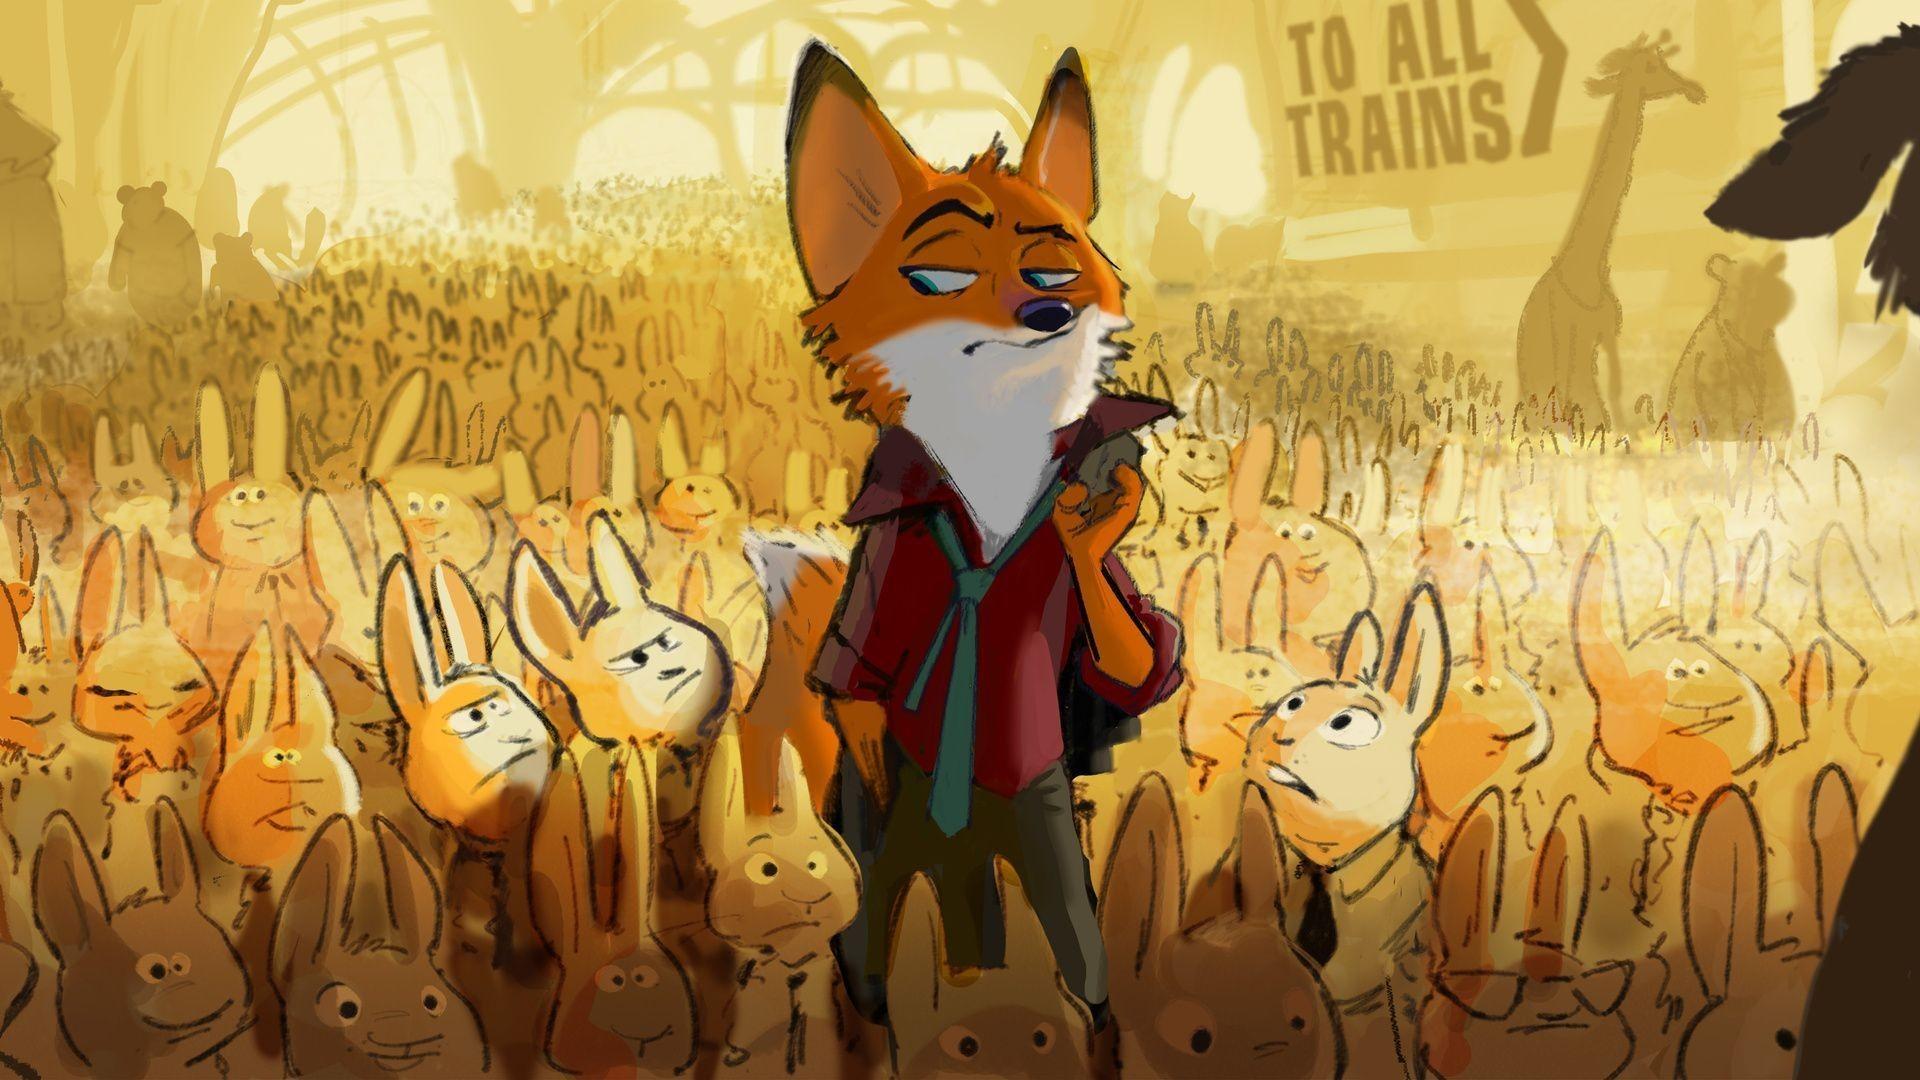 2016, zootopia, disney, zootopia movie, fox, hares .